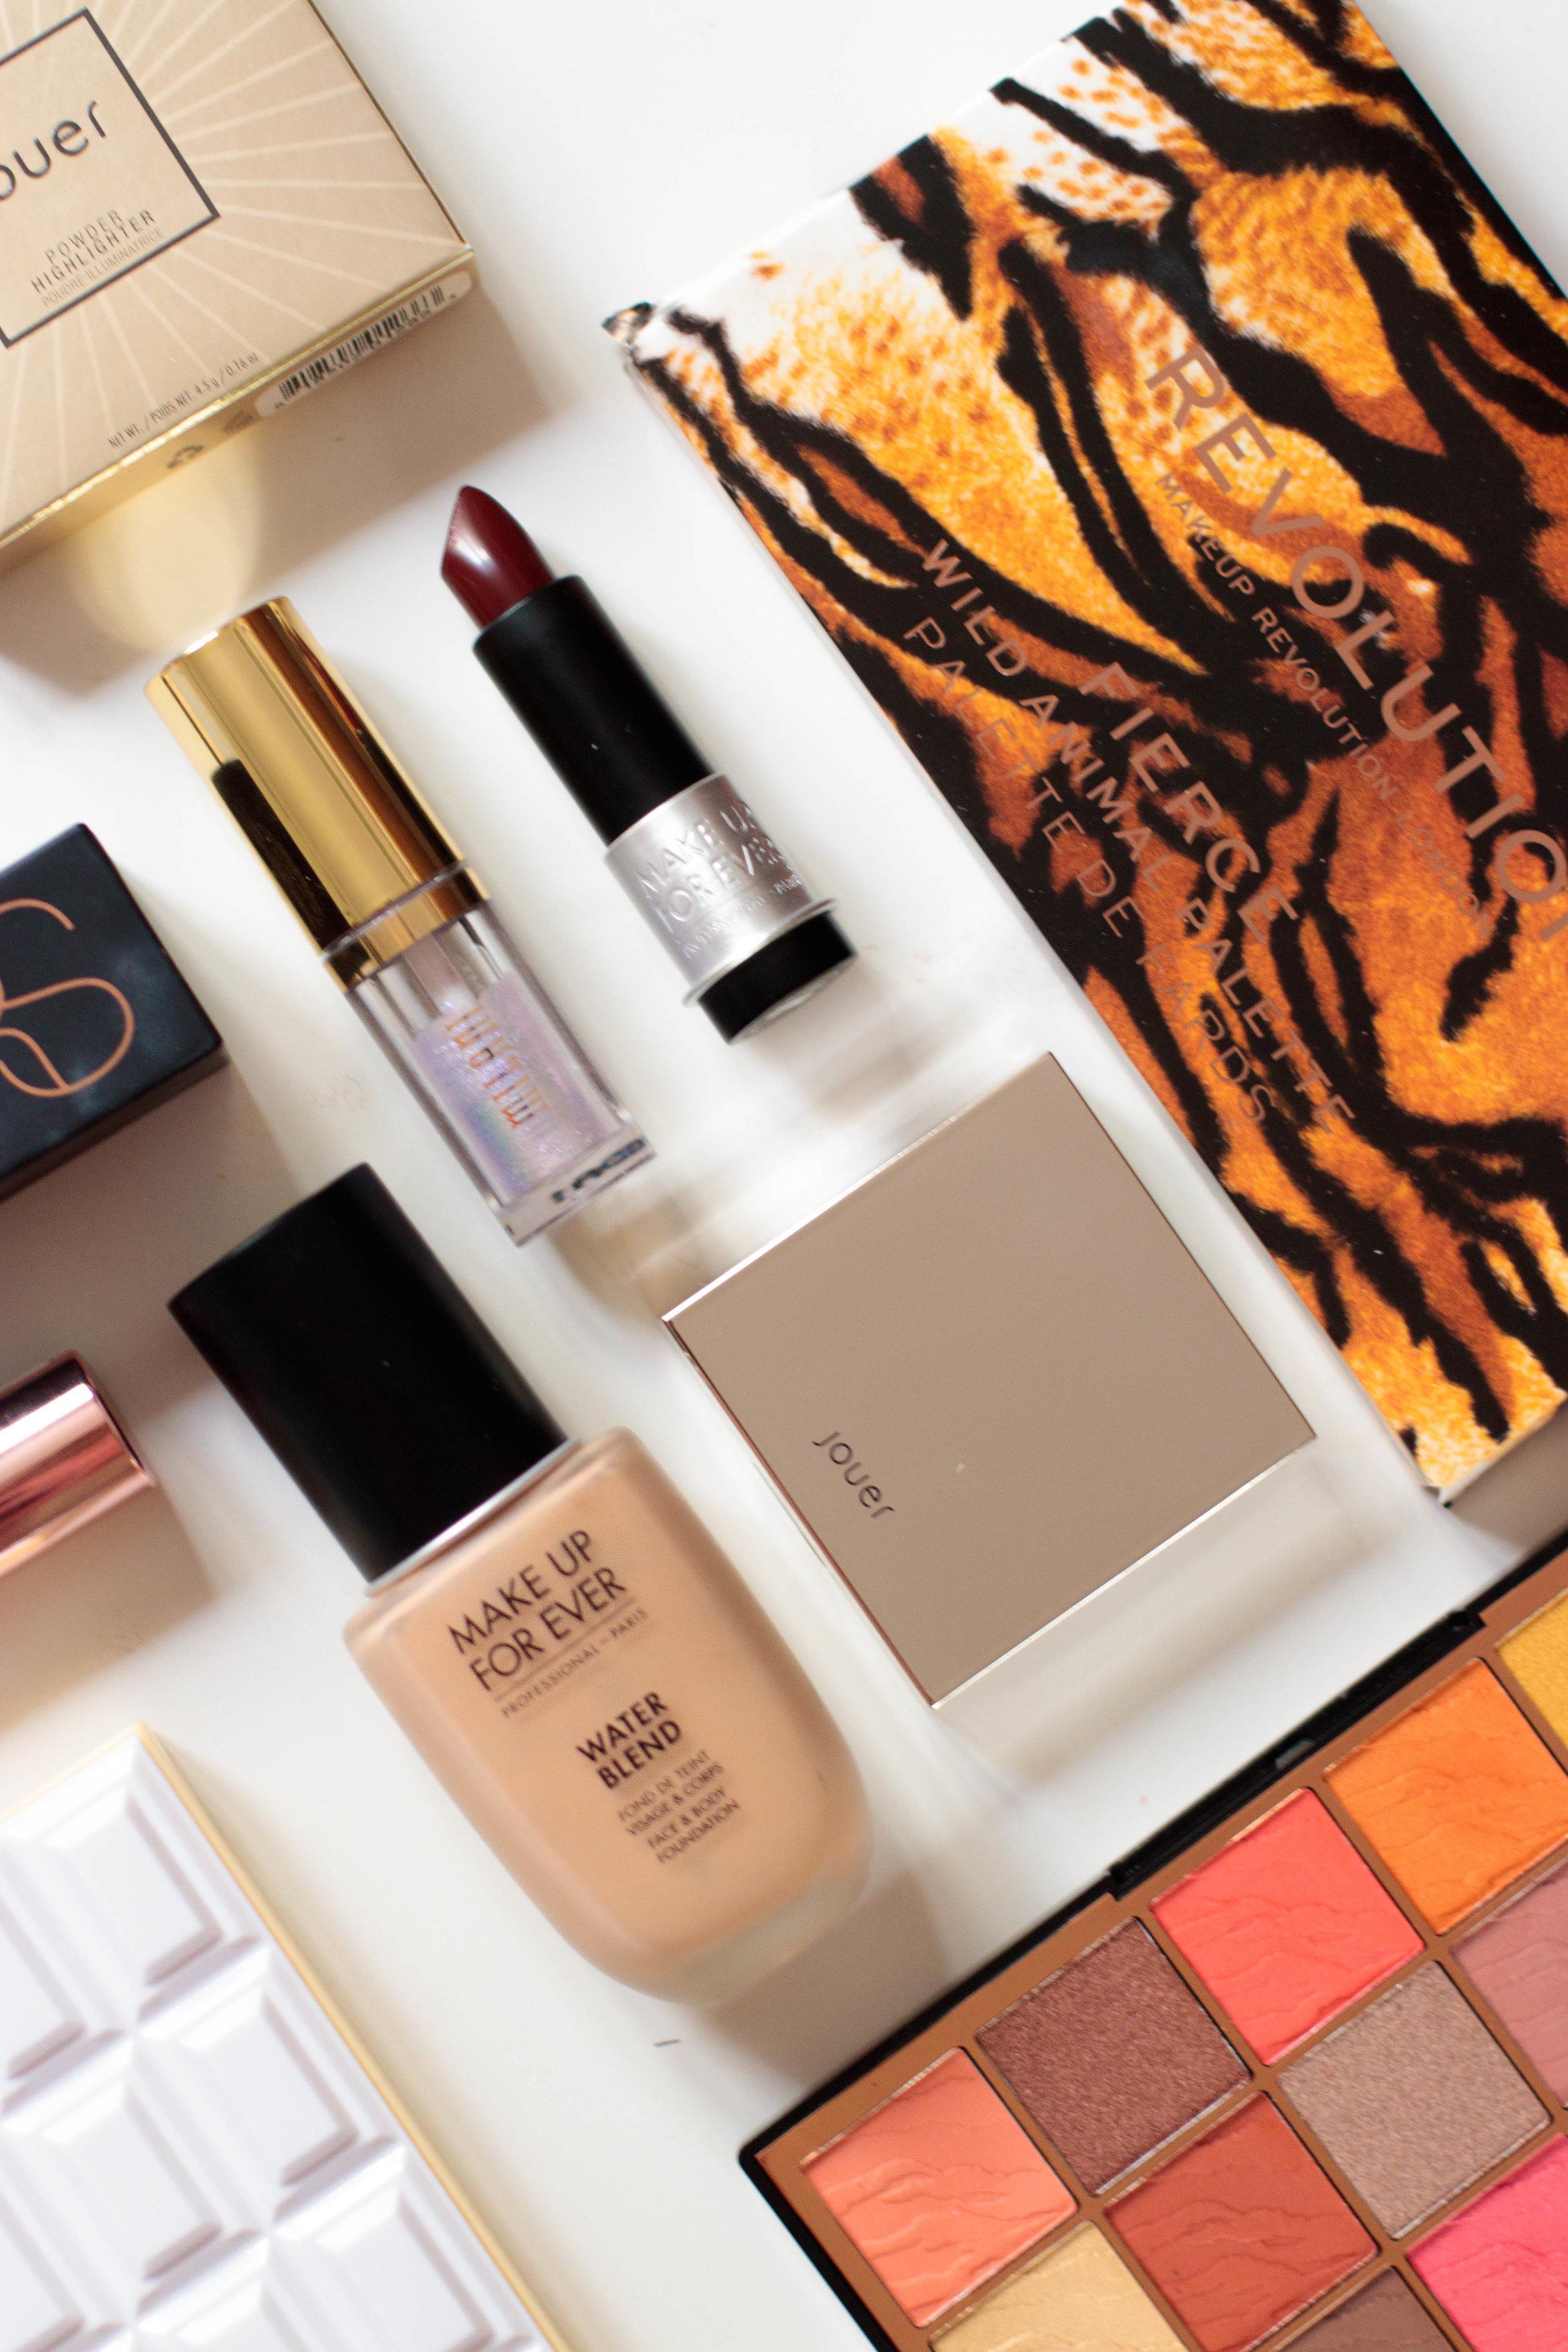 gumball-makeup-pauuulette-i-heart-revolution-sprinkles-palette-wild-animal-fierce-artist-rouge-water-blend.jpg